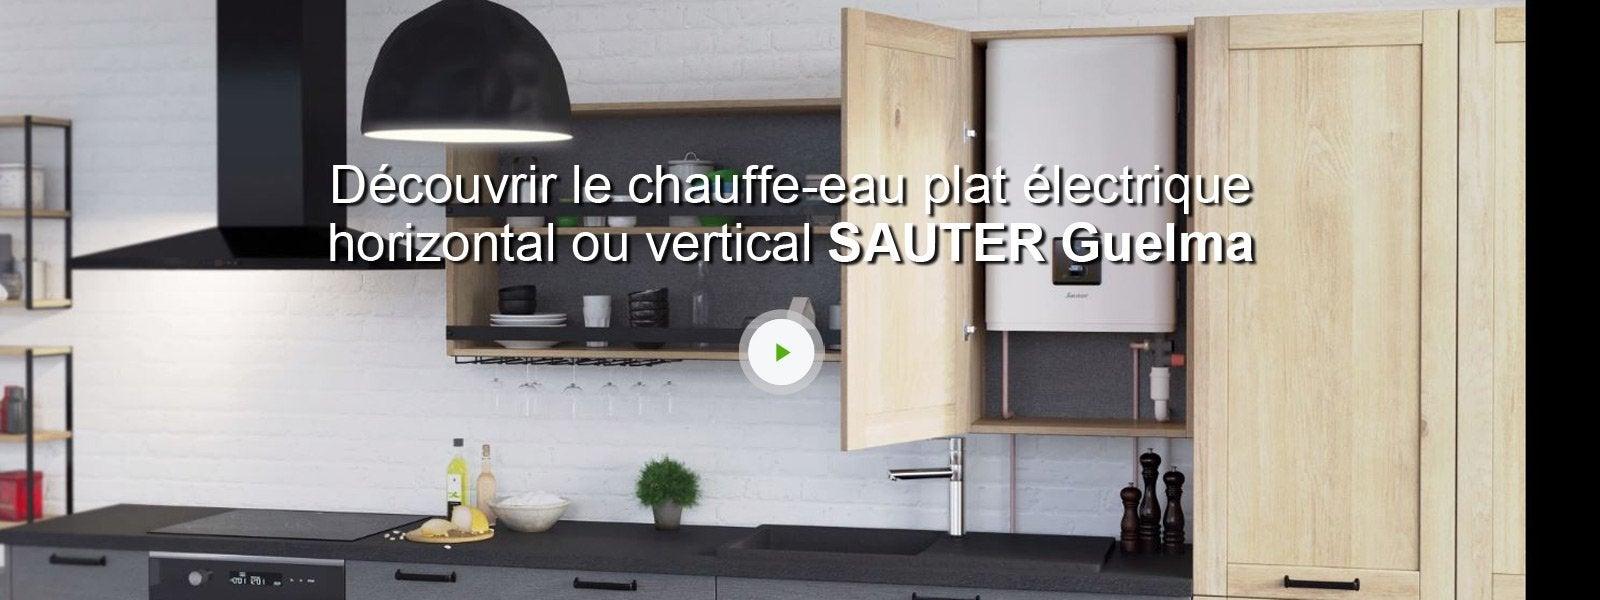 chauffe eau plat lectrique horizontal ou vertical sauter. Black Bedroom Furniture Sets. Home Design Ideas